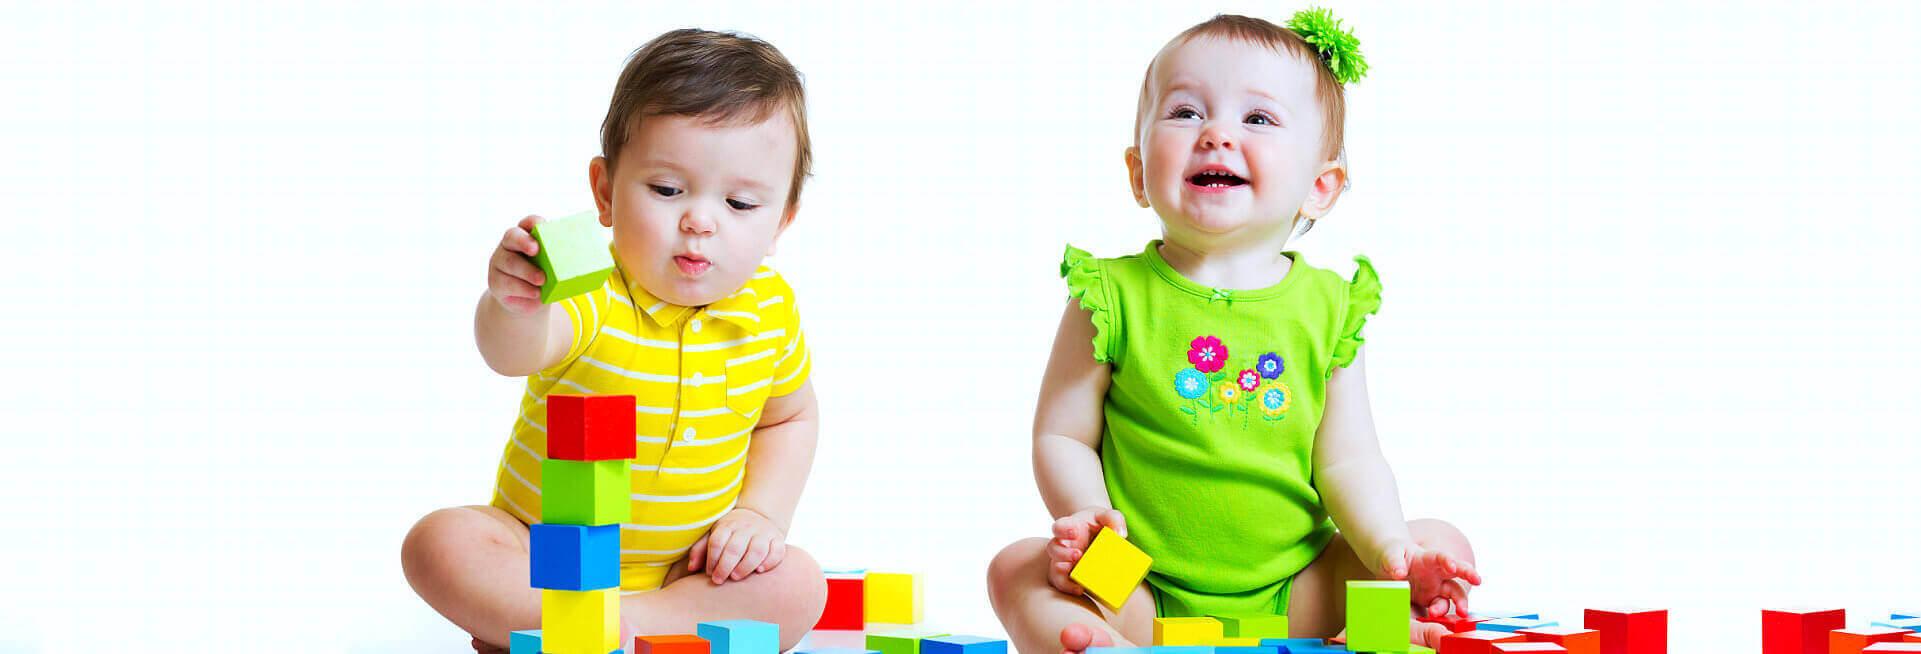 babies playing blocks